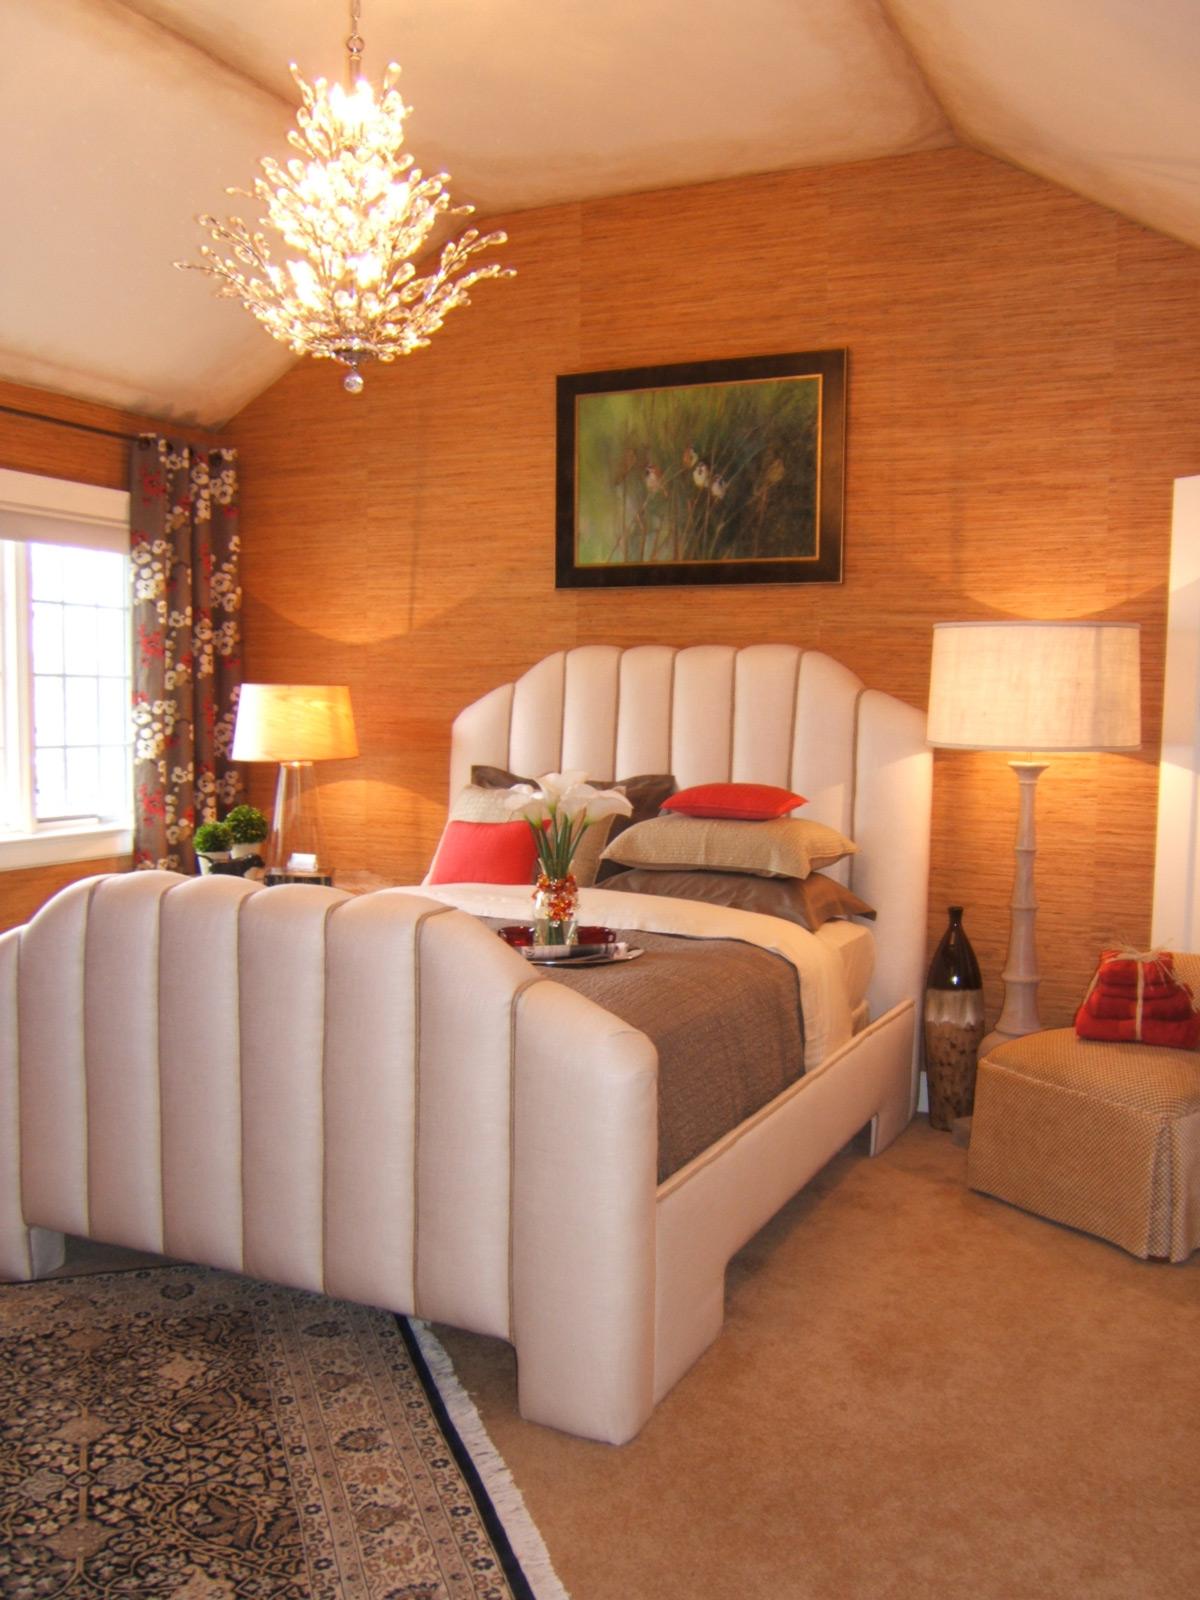 Bedroom Design Interior Designers Columbus Kellie Toole - Showcase design for bedroom